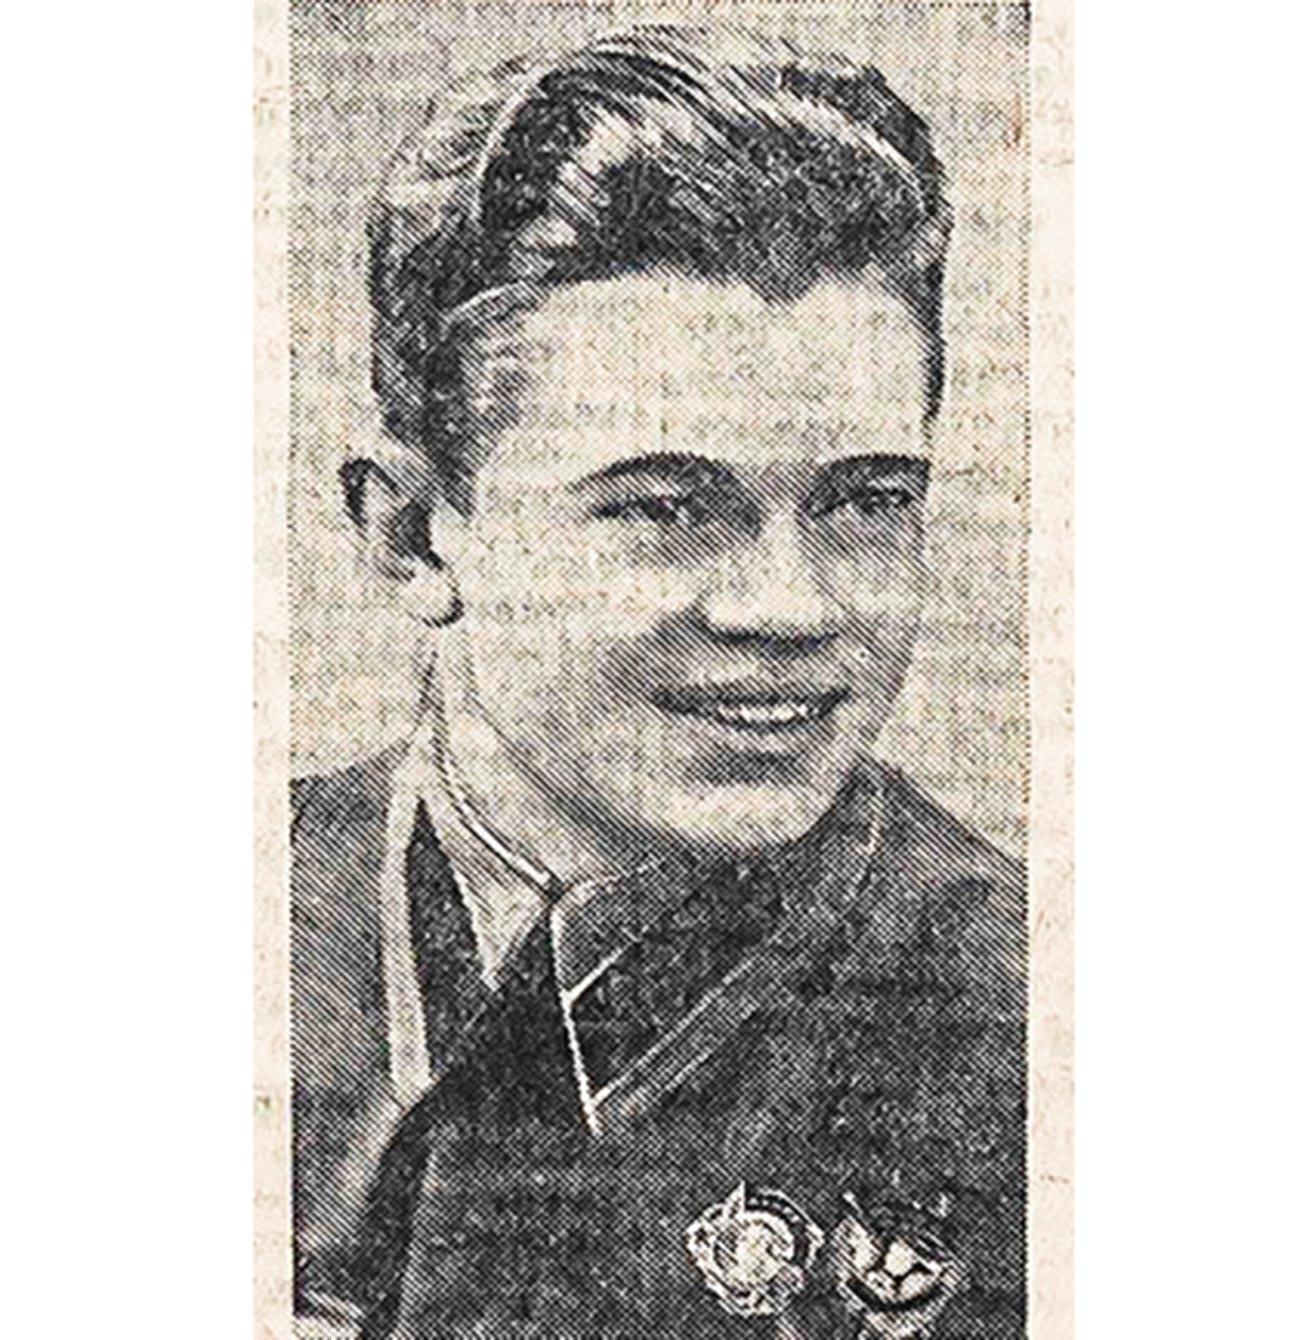 Valentin Purgin.